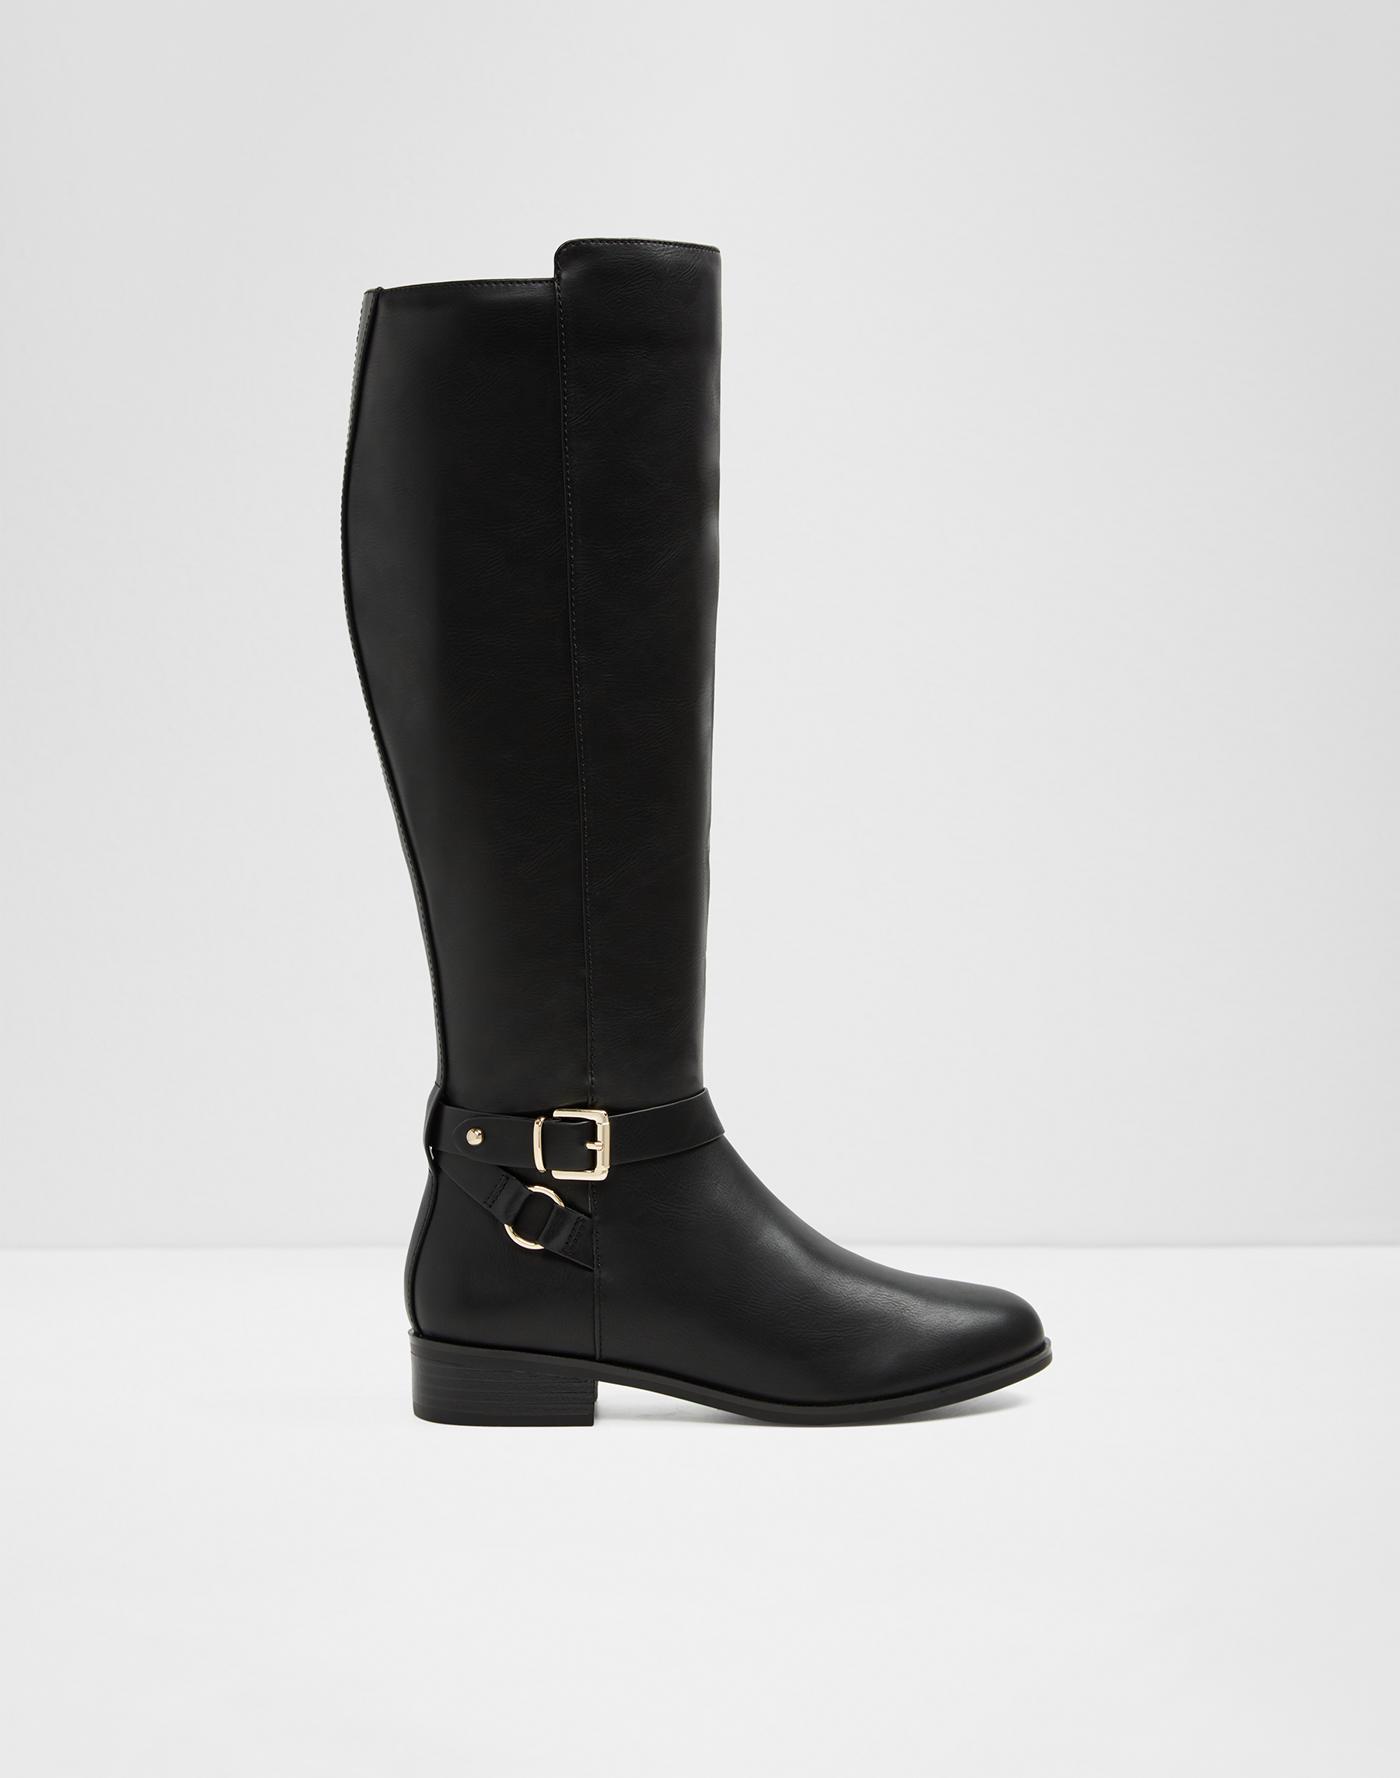 64ee215aa77b7d Boots